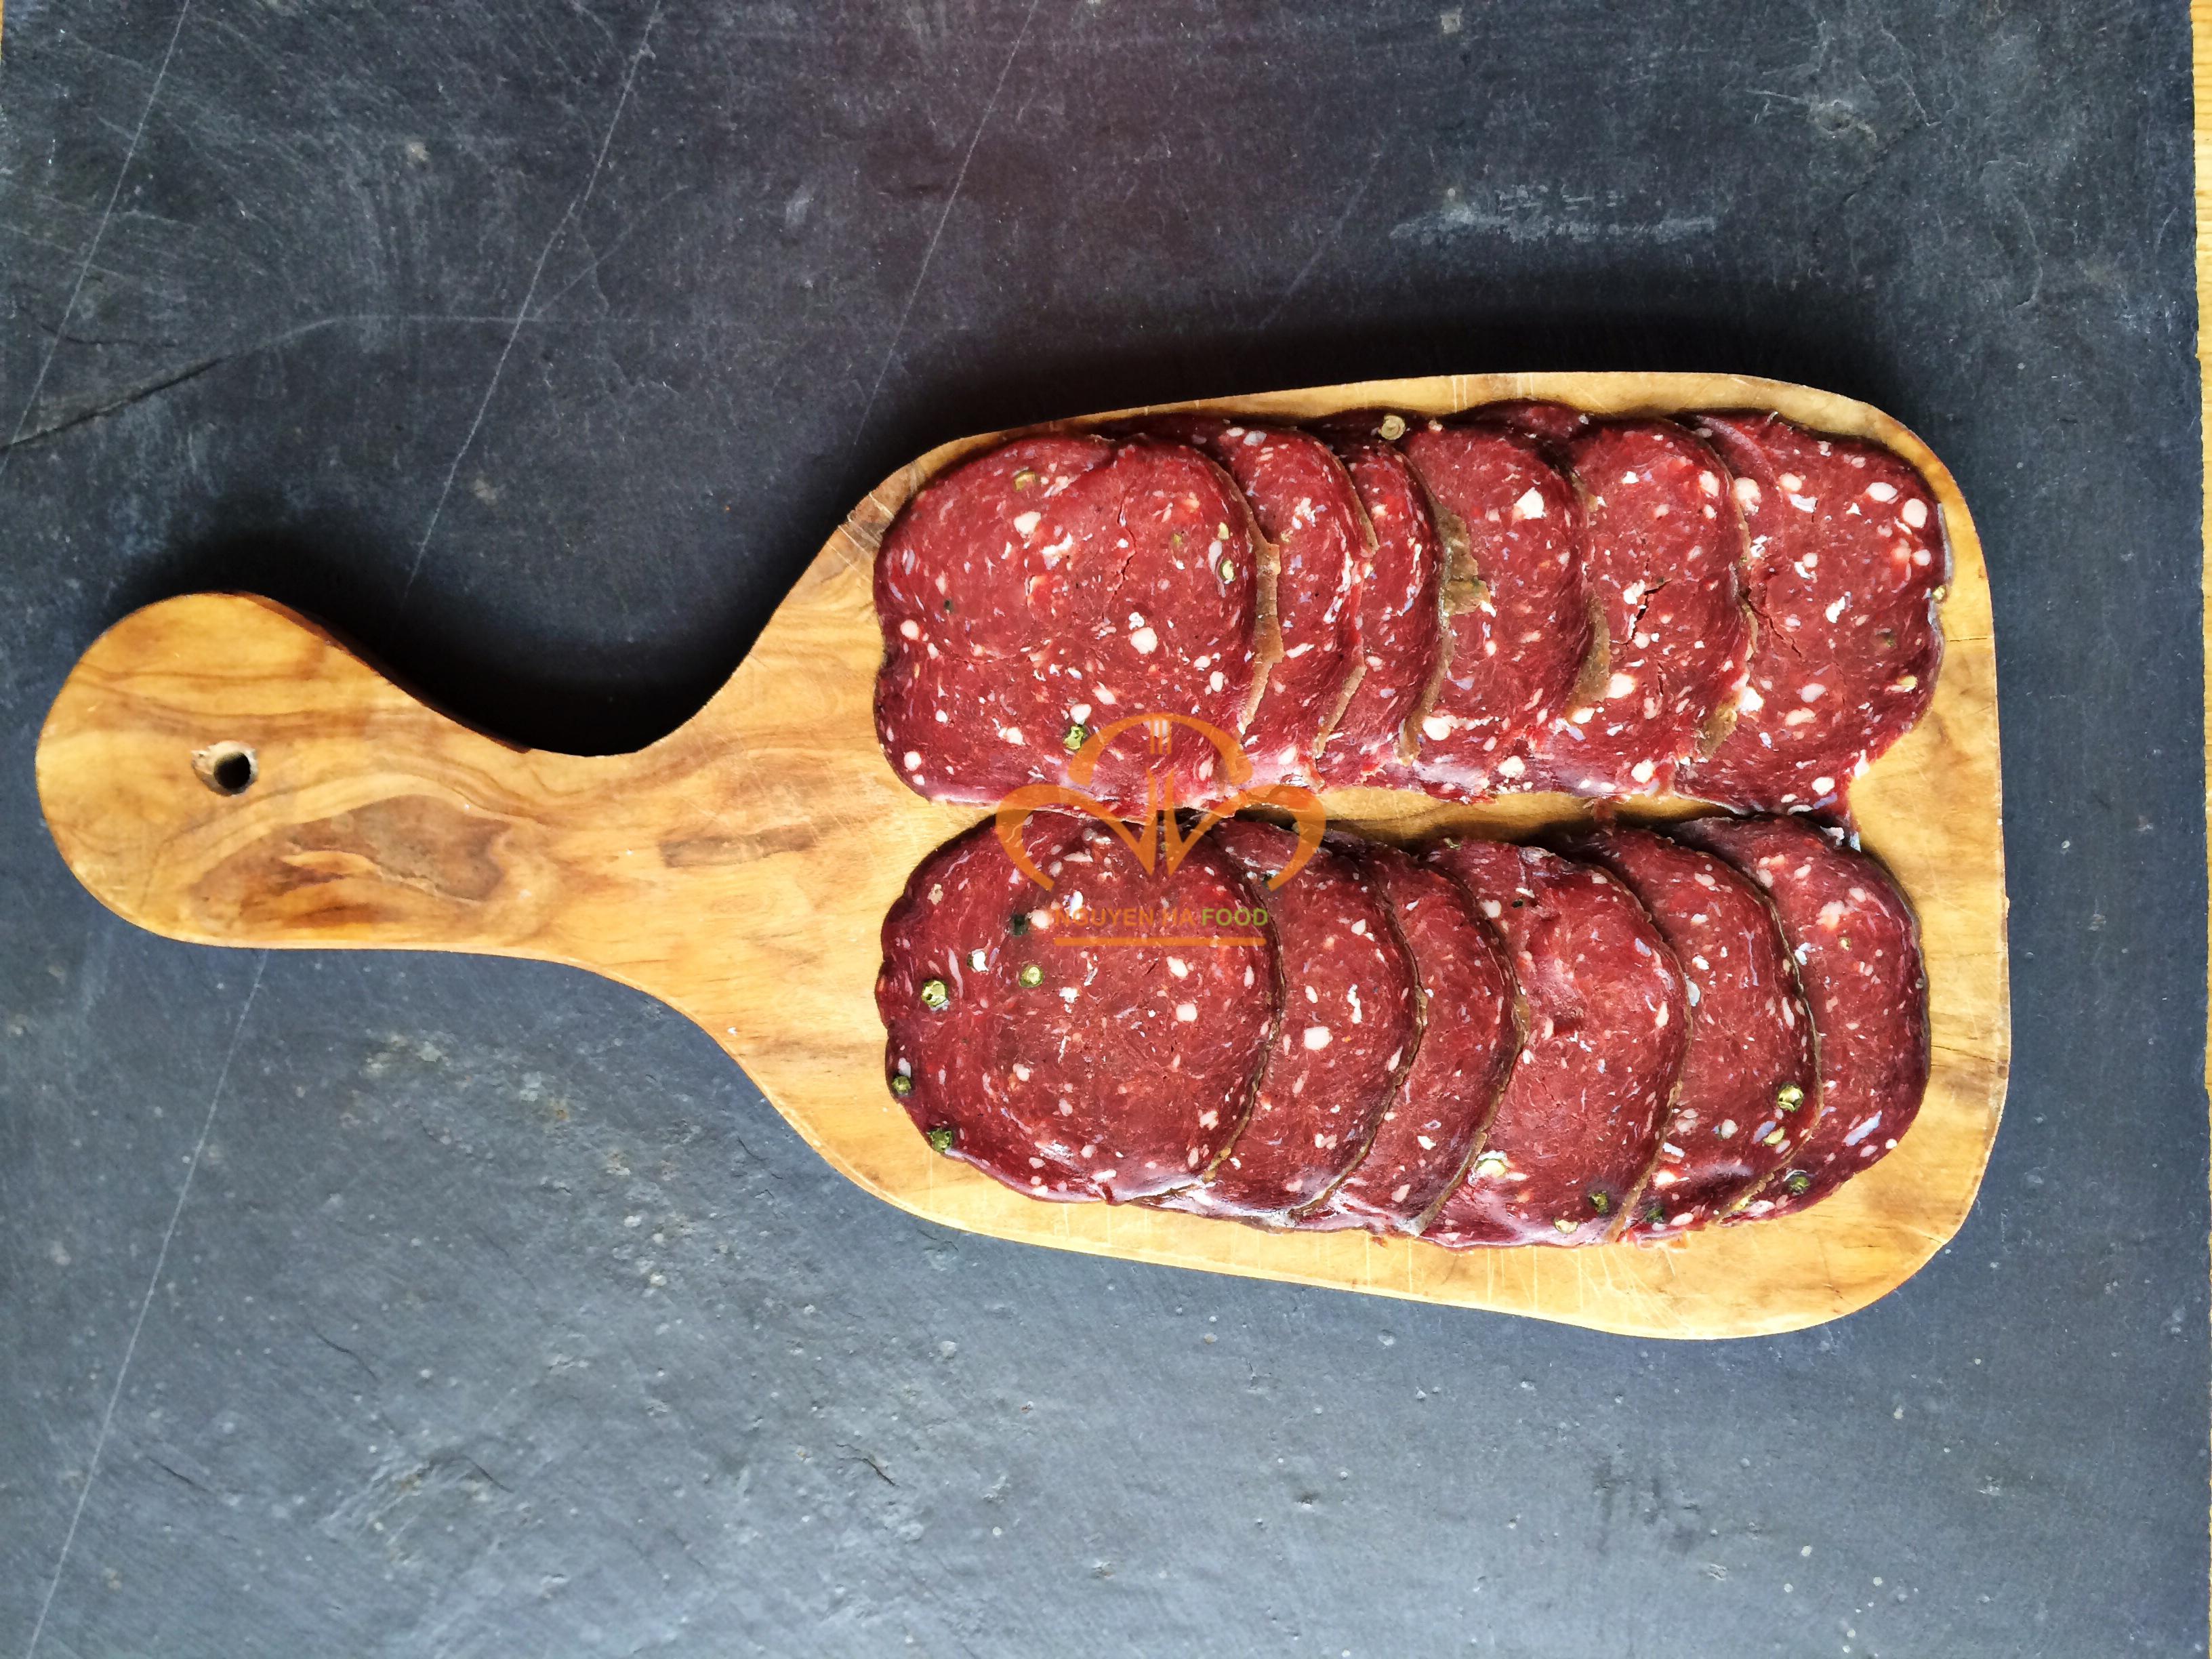 xuc-xich-kho-pave-tam-tieu-pave-au-poirve-cat-lat-pepper-salami-sliced-1